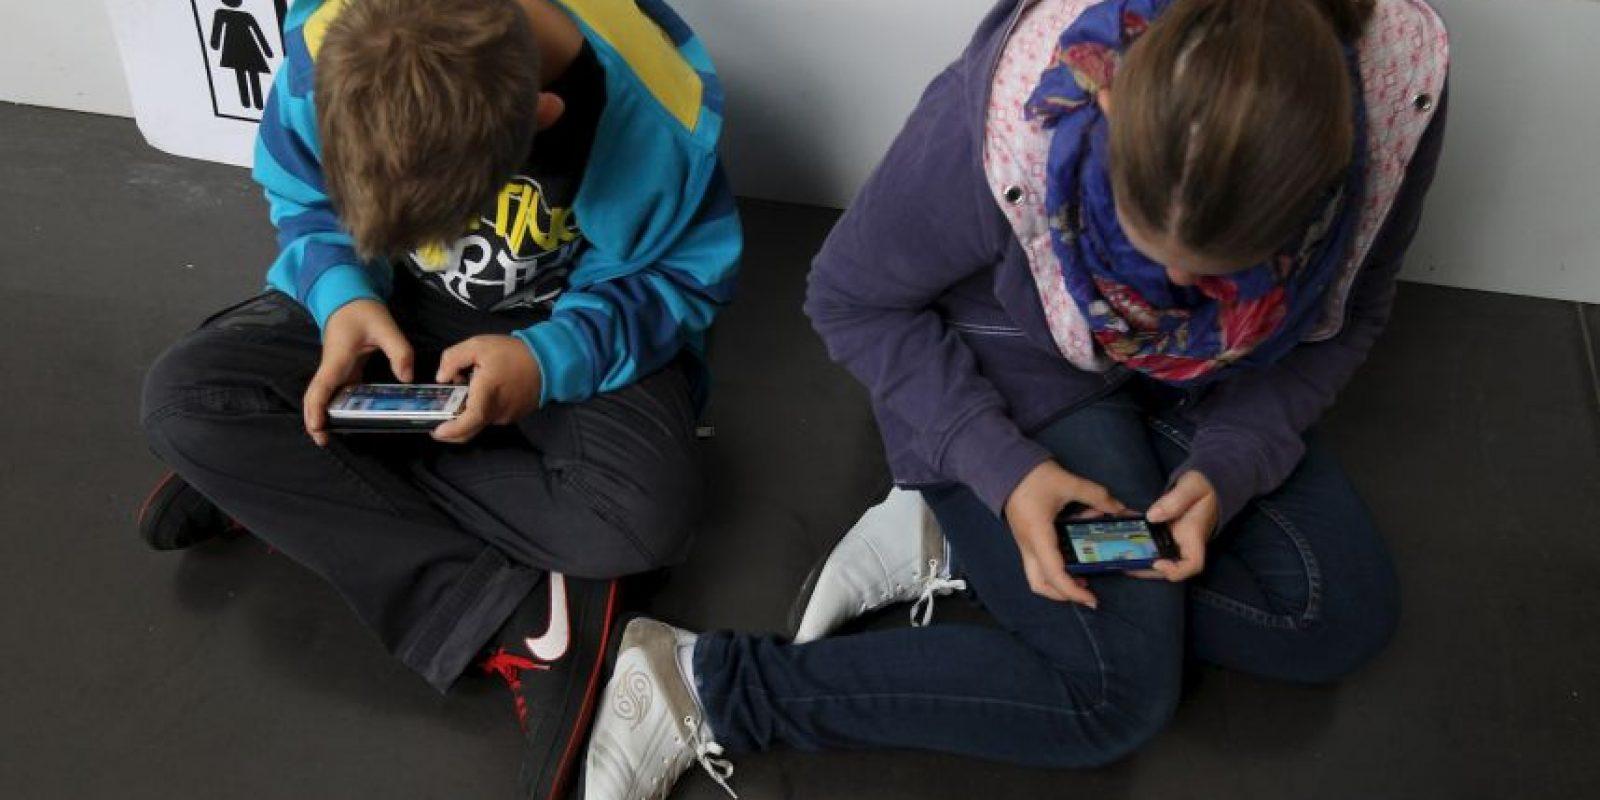 """El estudio realizado por los psicólogos Jane D Brown, Sarah Keller y Susannah Stern dio a conocer que los dispositivos móviles y la práctica del """"sexting"""" se ha convertido en una forma de descubrir la sexualidad entre adolescentes de Estados Unidos. Foto:Getty Images"""